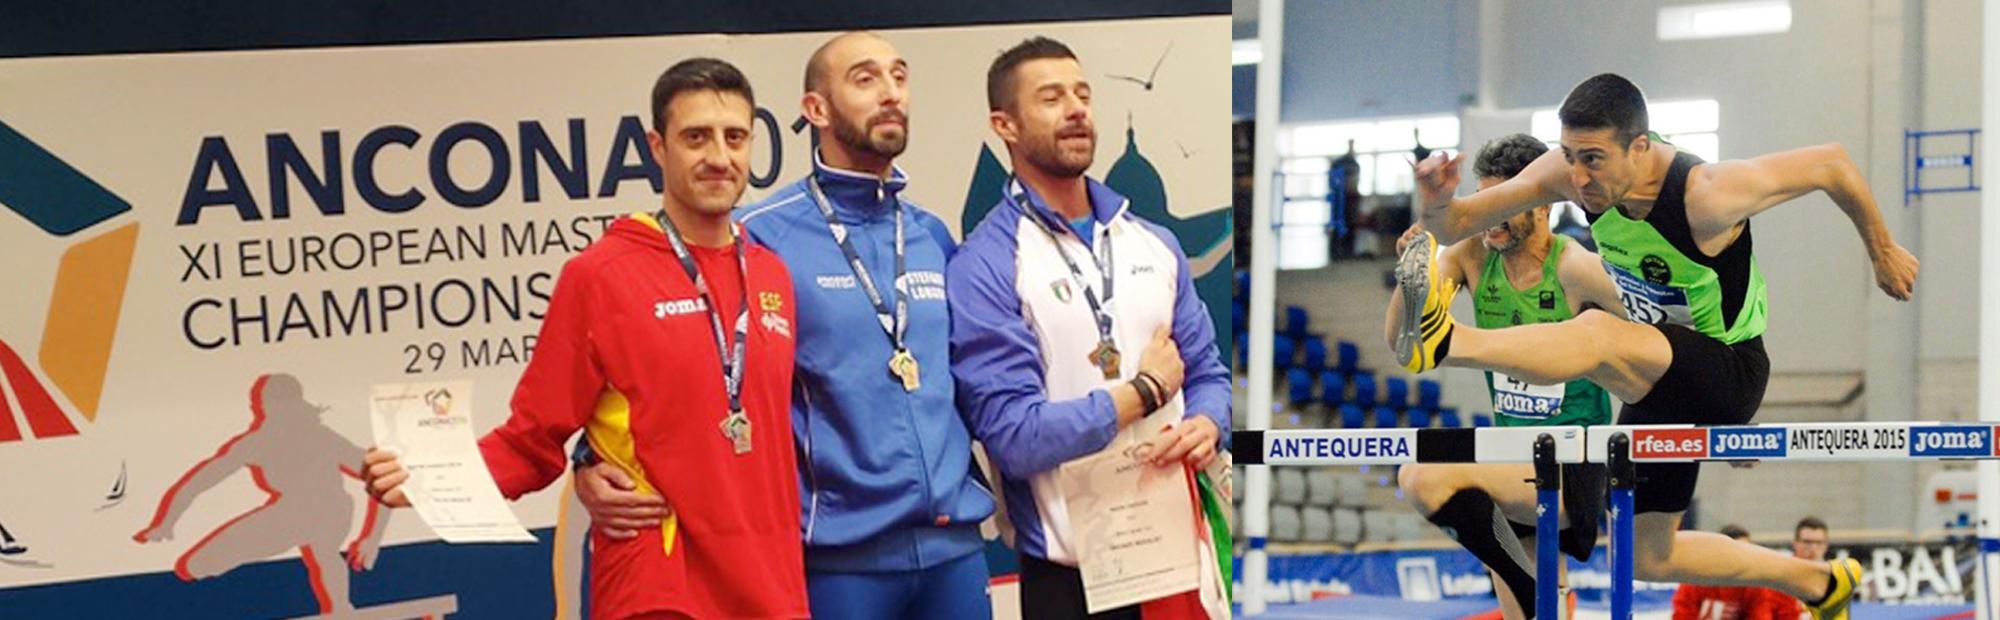 Carlos Martínez, Subcampeón de Europa de Atletismo 60 metros valla